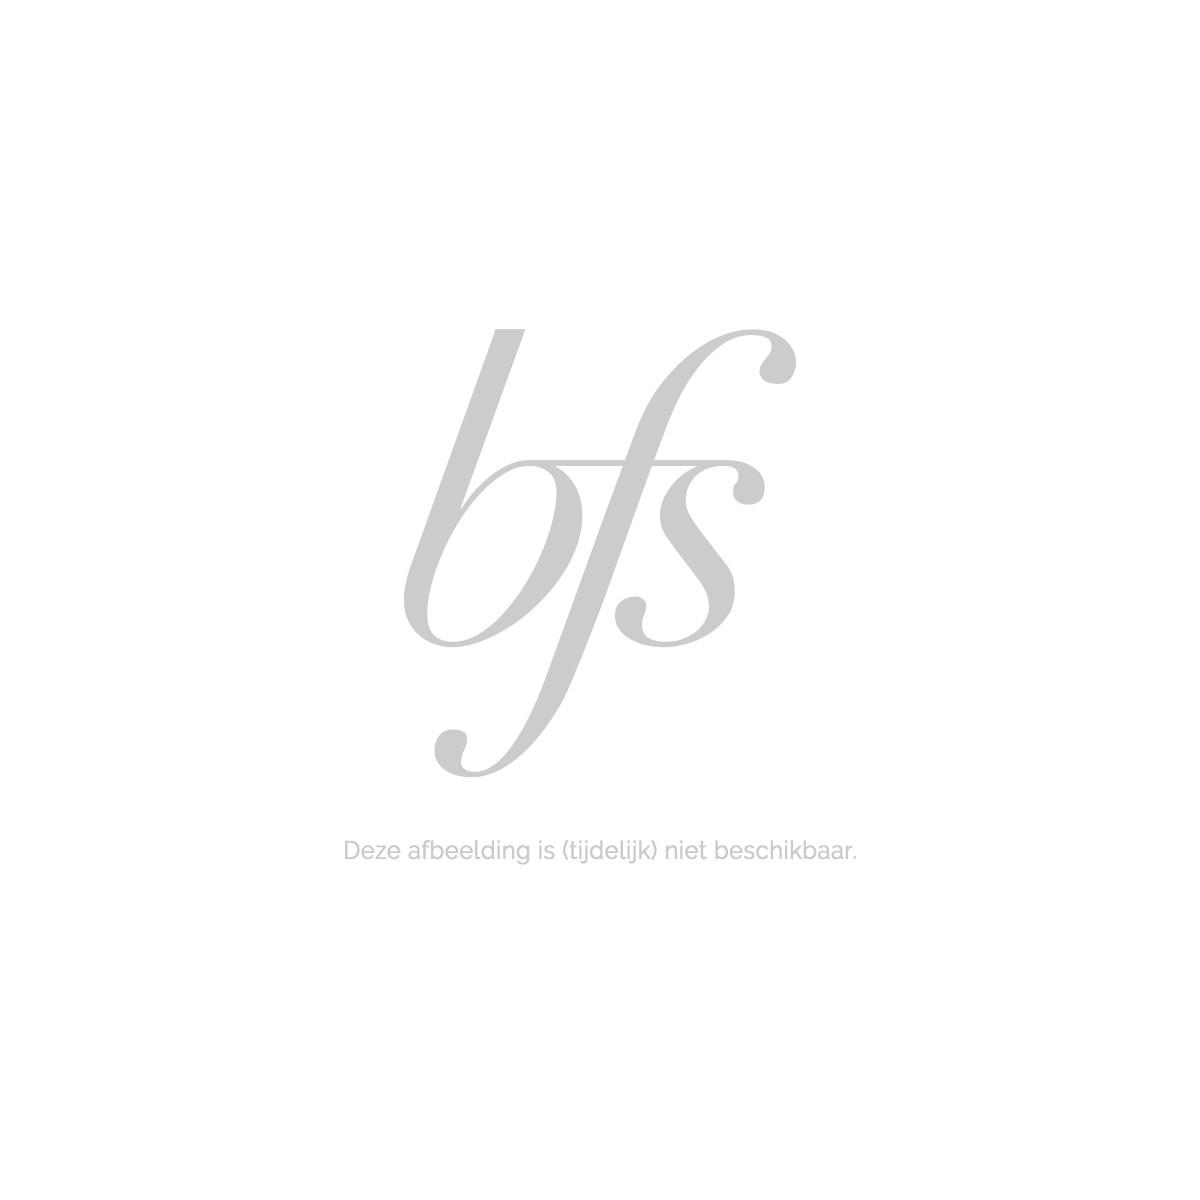 Christian Dior Base Coat Abricot Protective Nail Care Base 10 ml